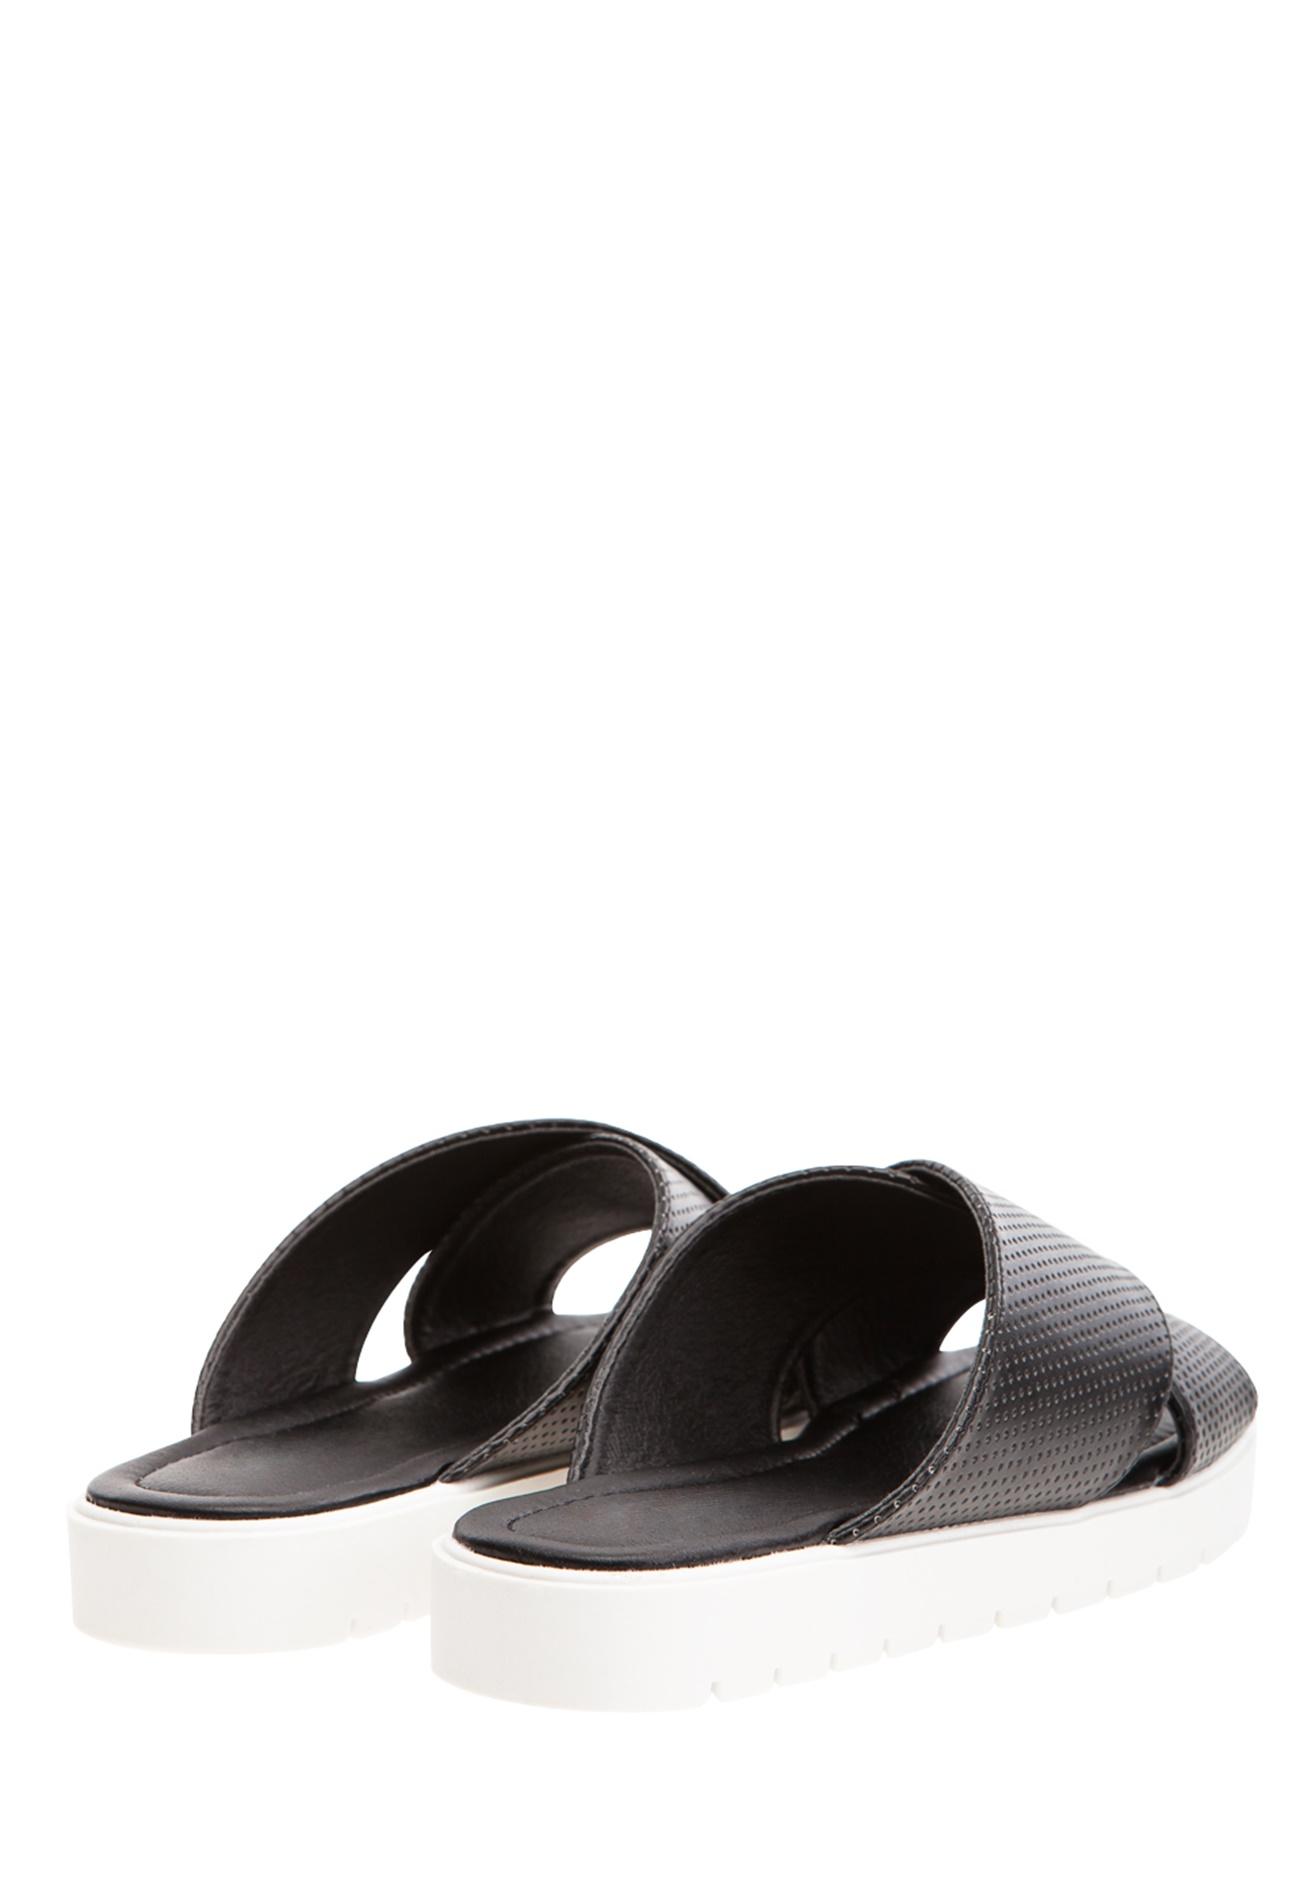 embla skor